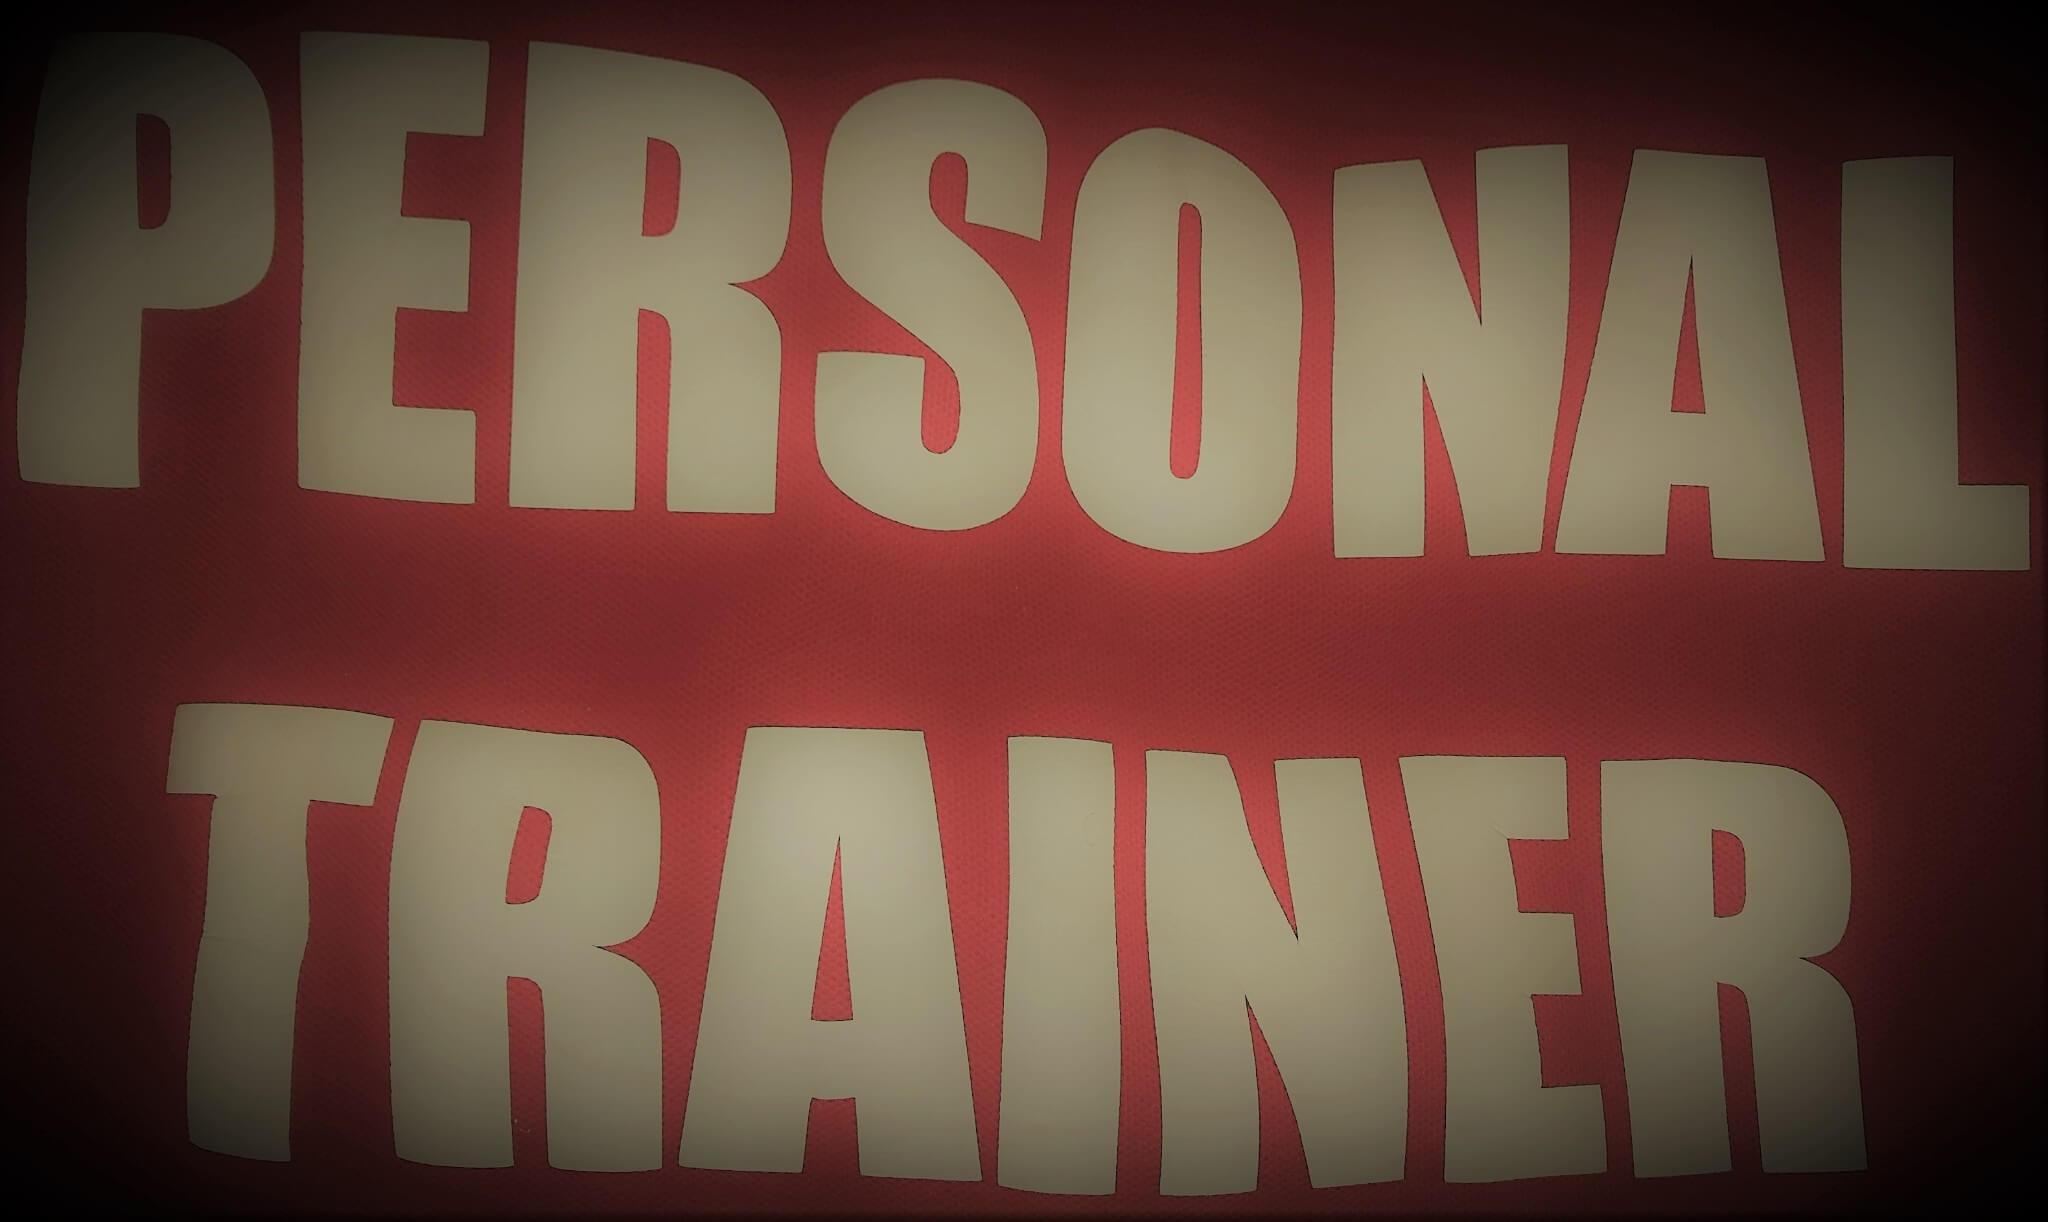 Diventare personal trainer: i percorsi e l'analisi del mercato attuale